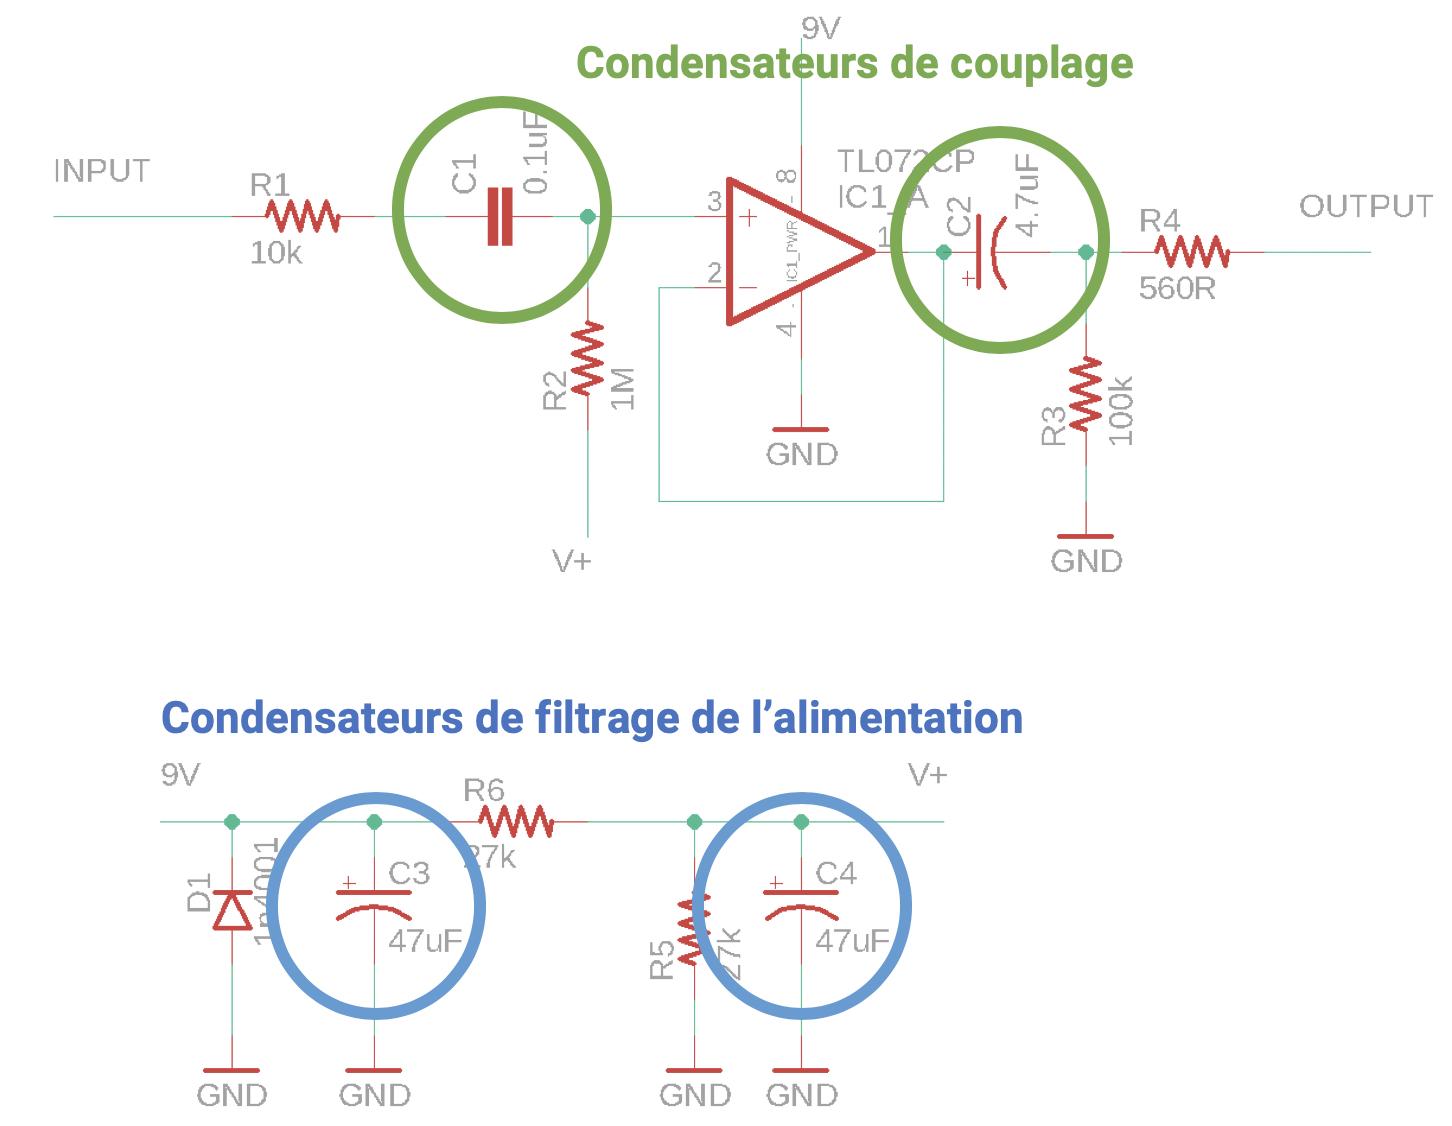 Klon buffer condensateurs